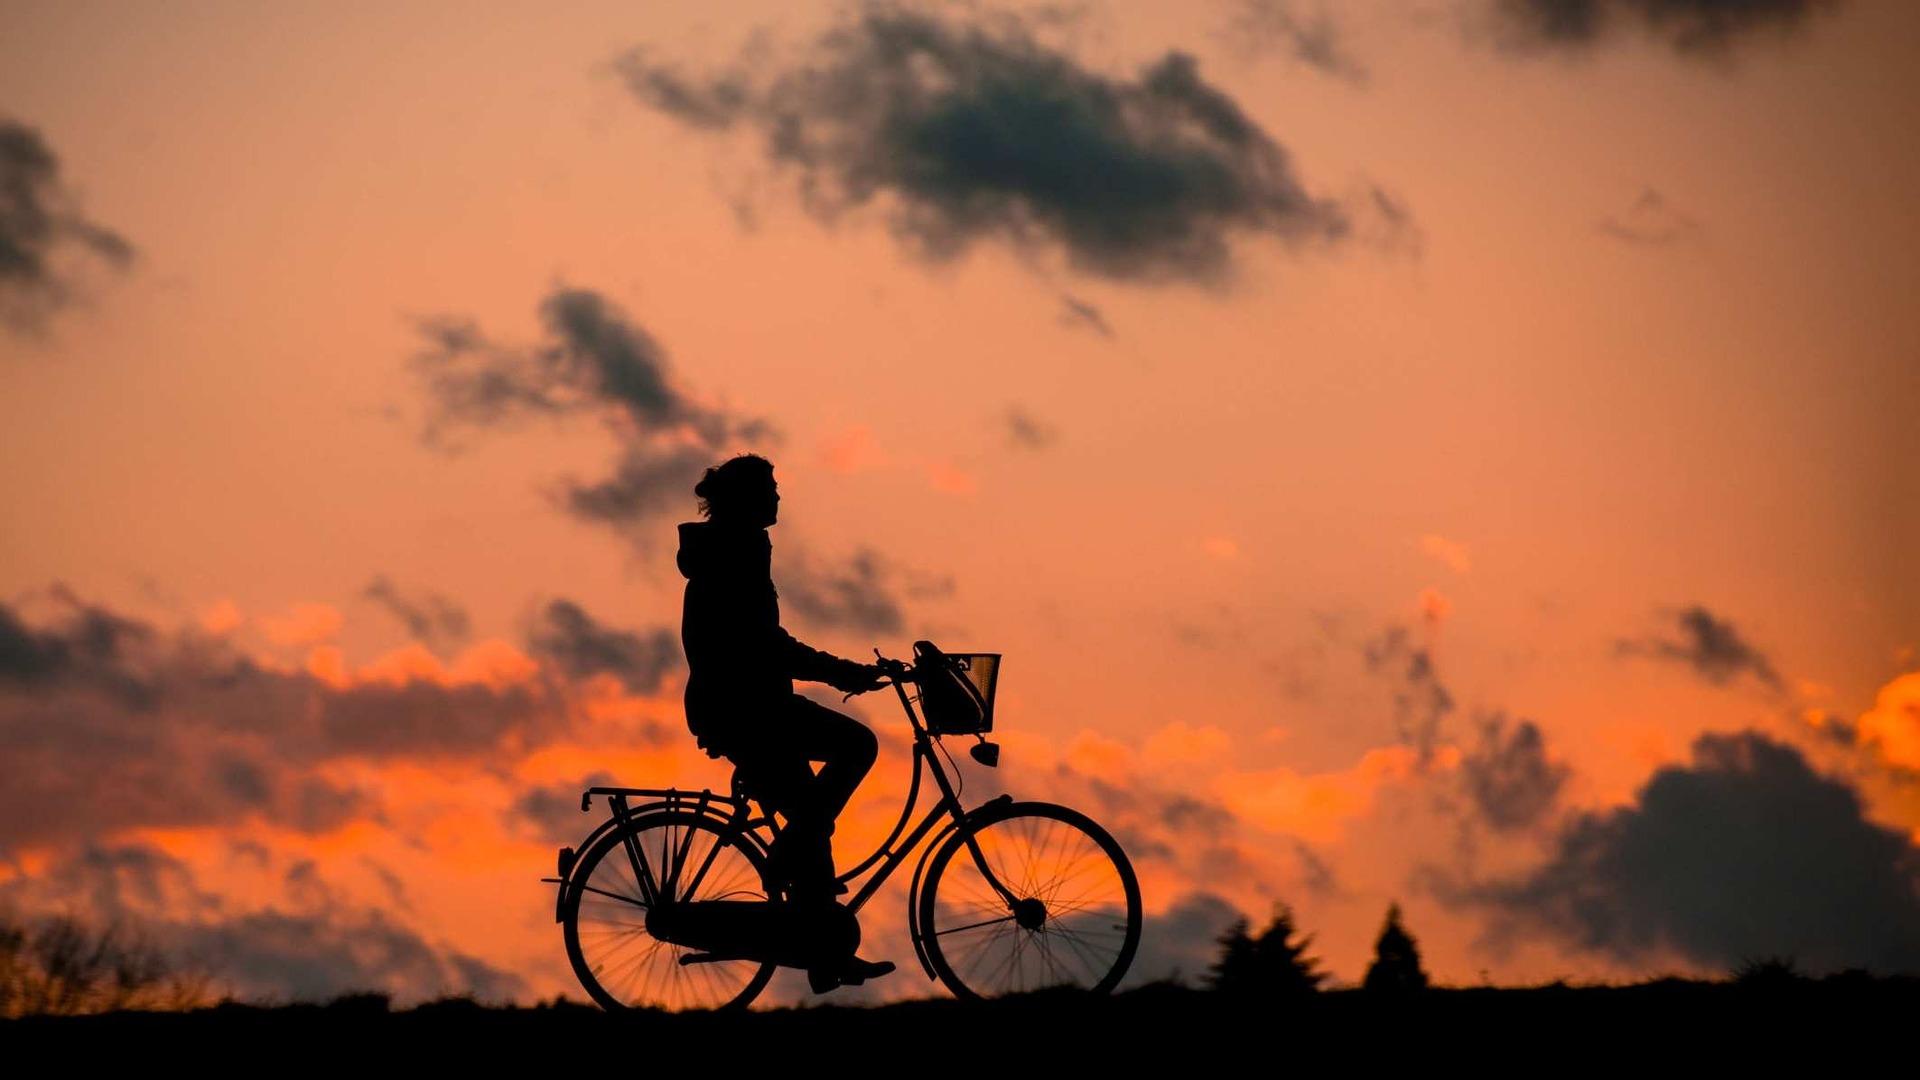 Je jízda na kole vhodná jako sport i pro ženy? Ano, ale s mírou a bez přetěžování kloubů a svalů.